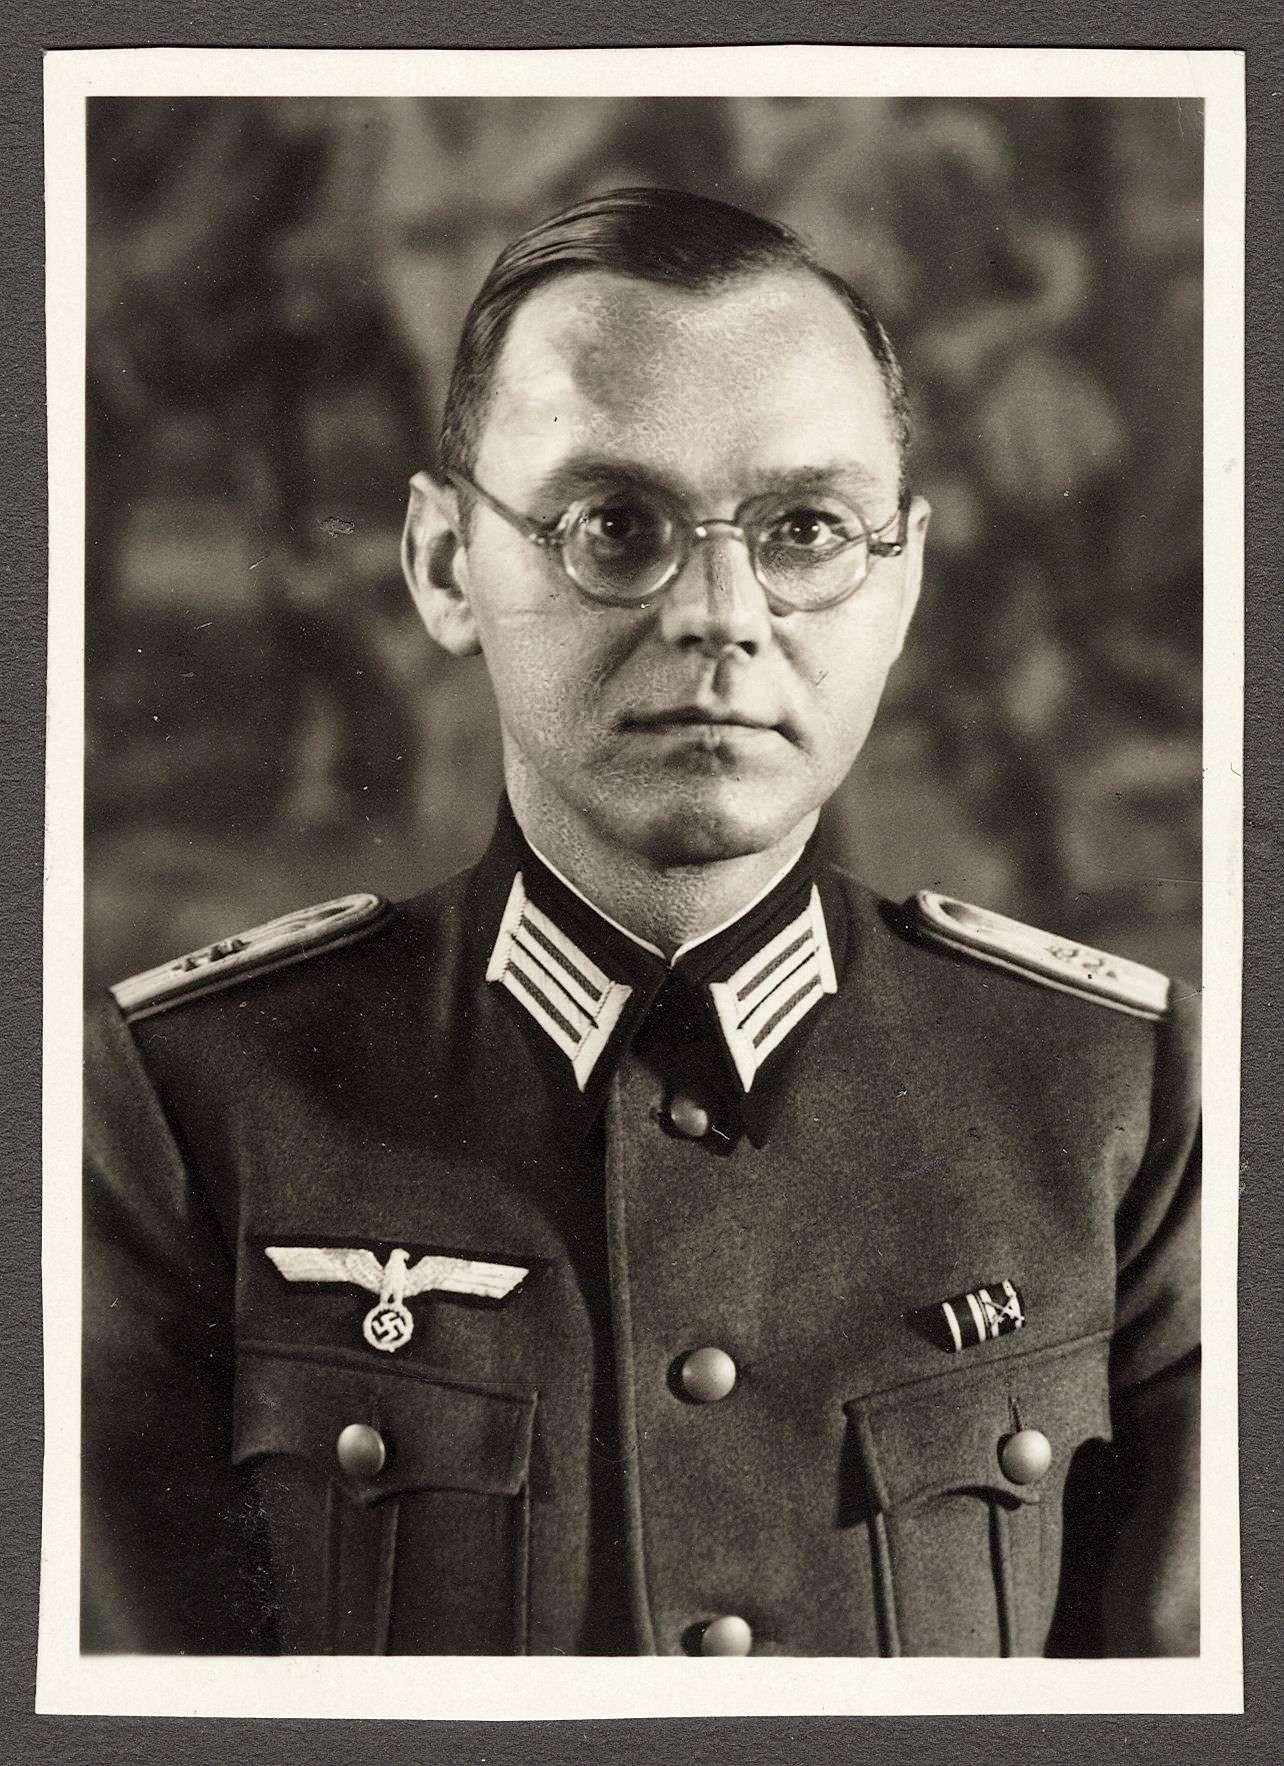 Kiess, Theodor, Dr.med., Bild 1